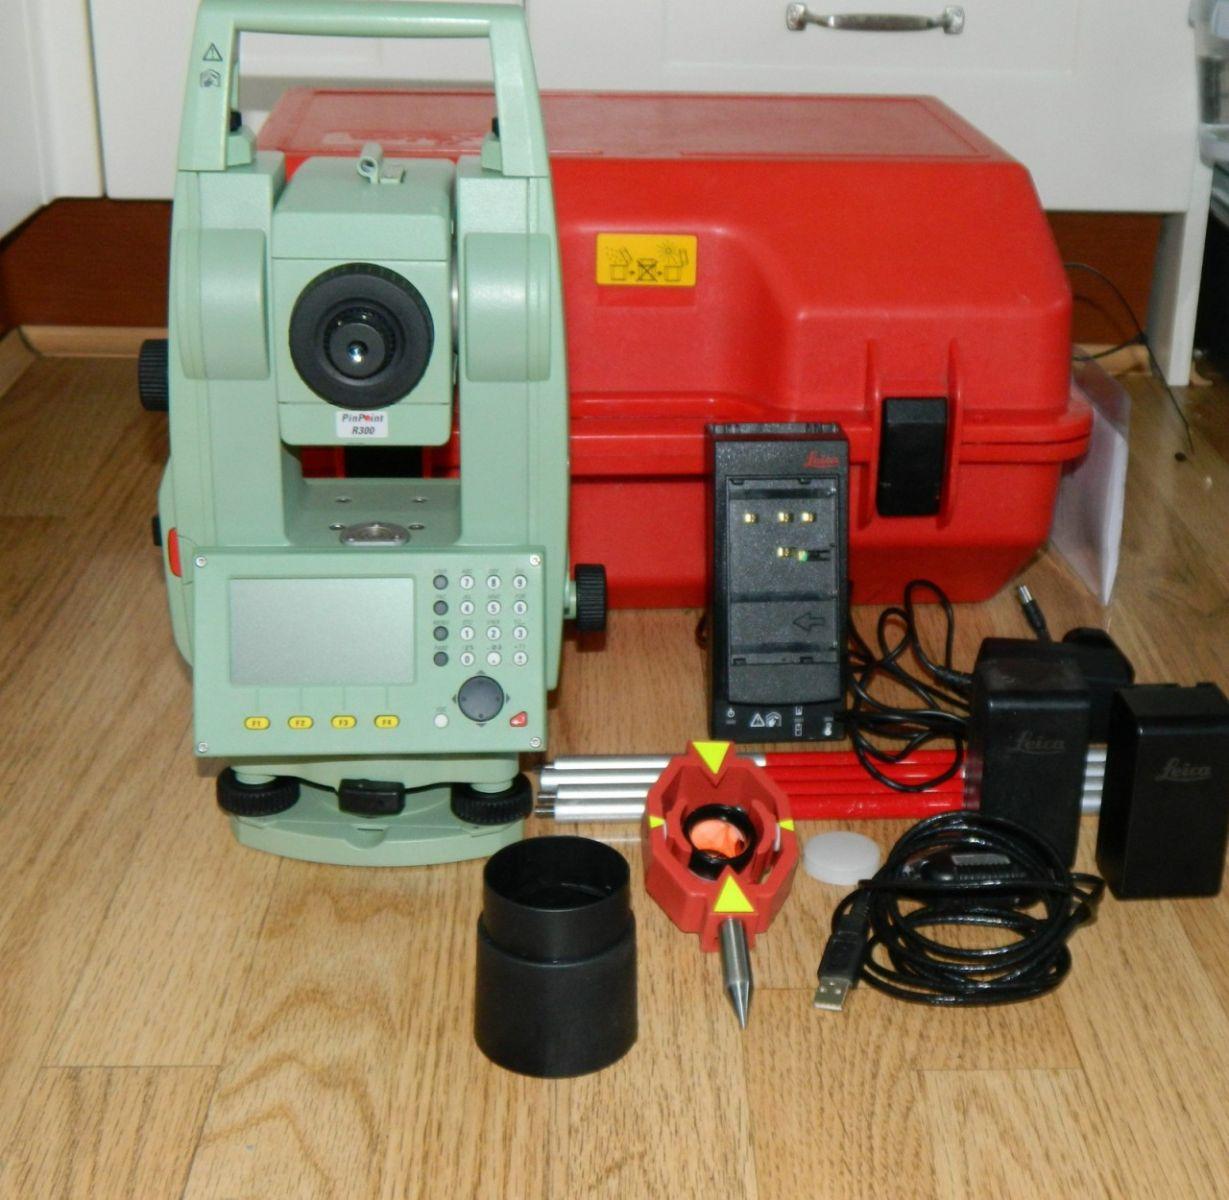 Hướng dẫn sử dụng máy toàn đạc điện tử Leica chi tiết